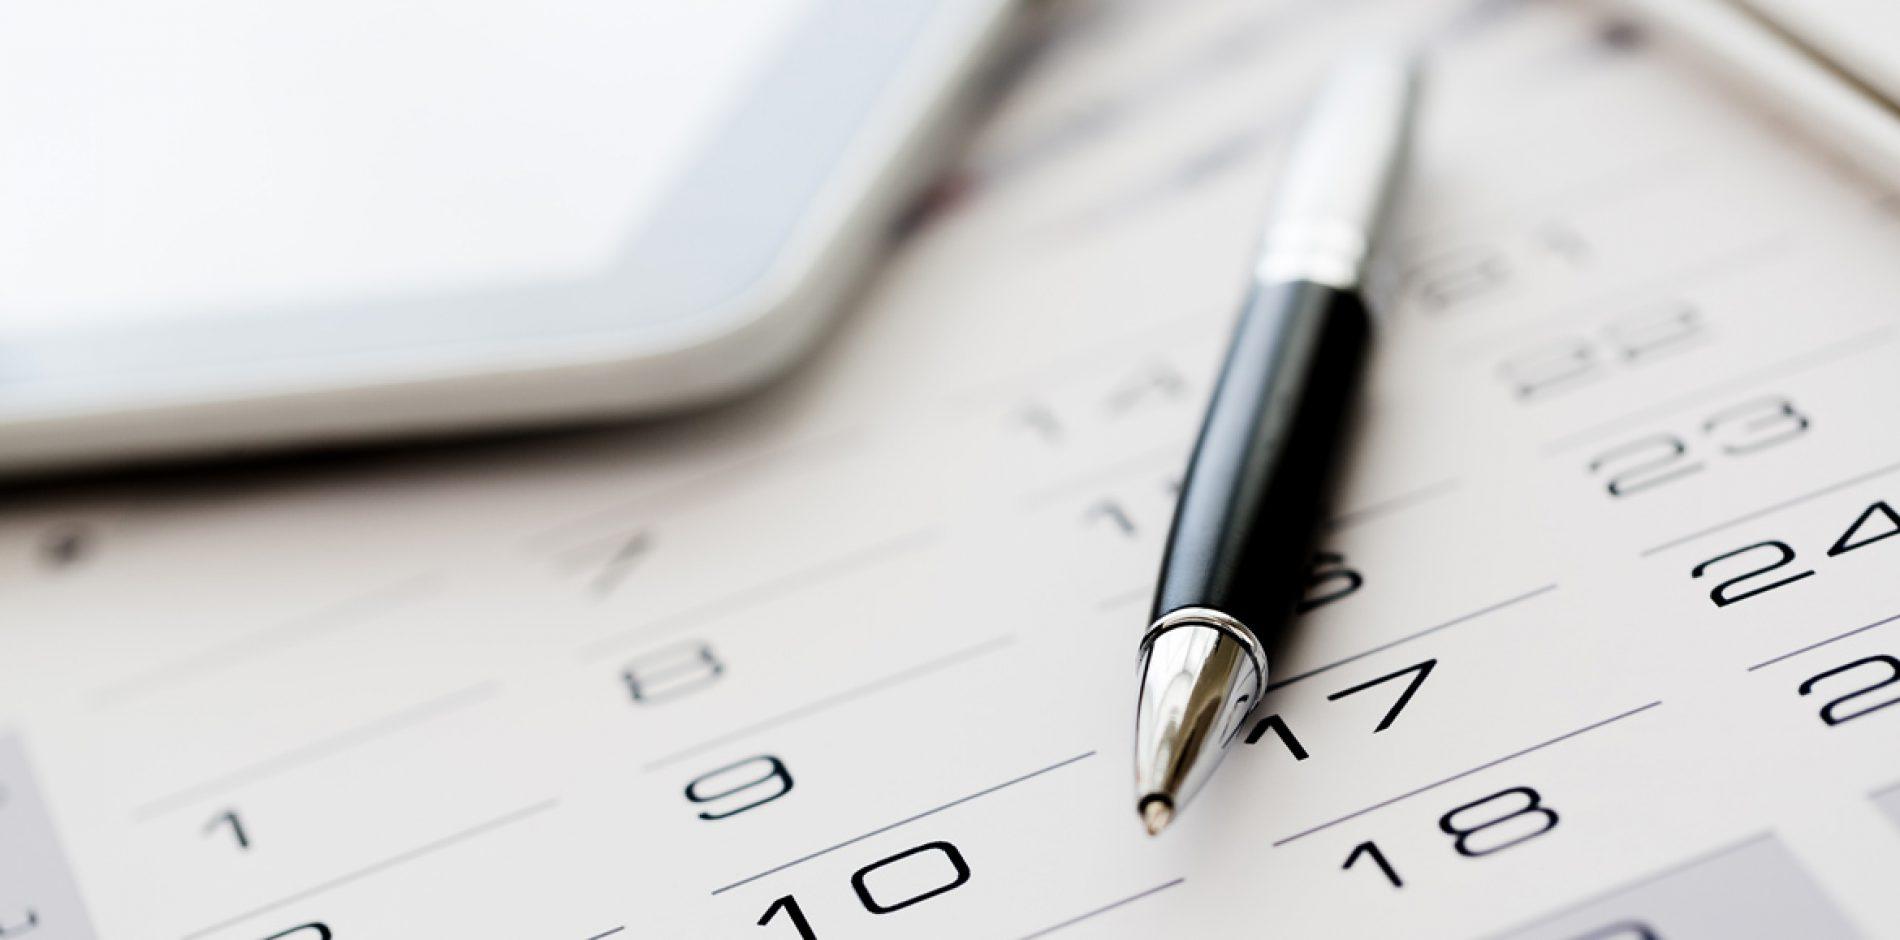 24 mesi ma non per tutti: la durata massima del contratto a termine [E.Massi]